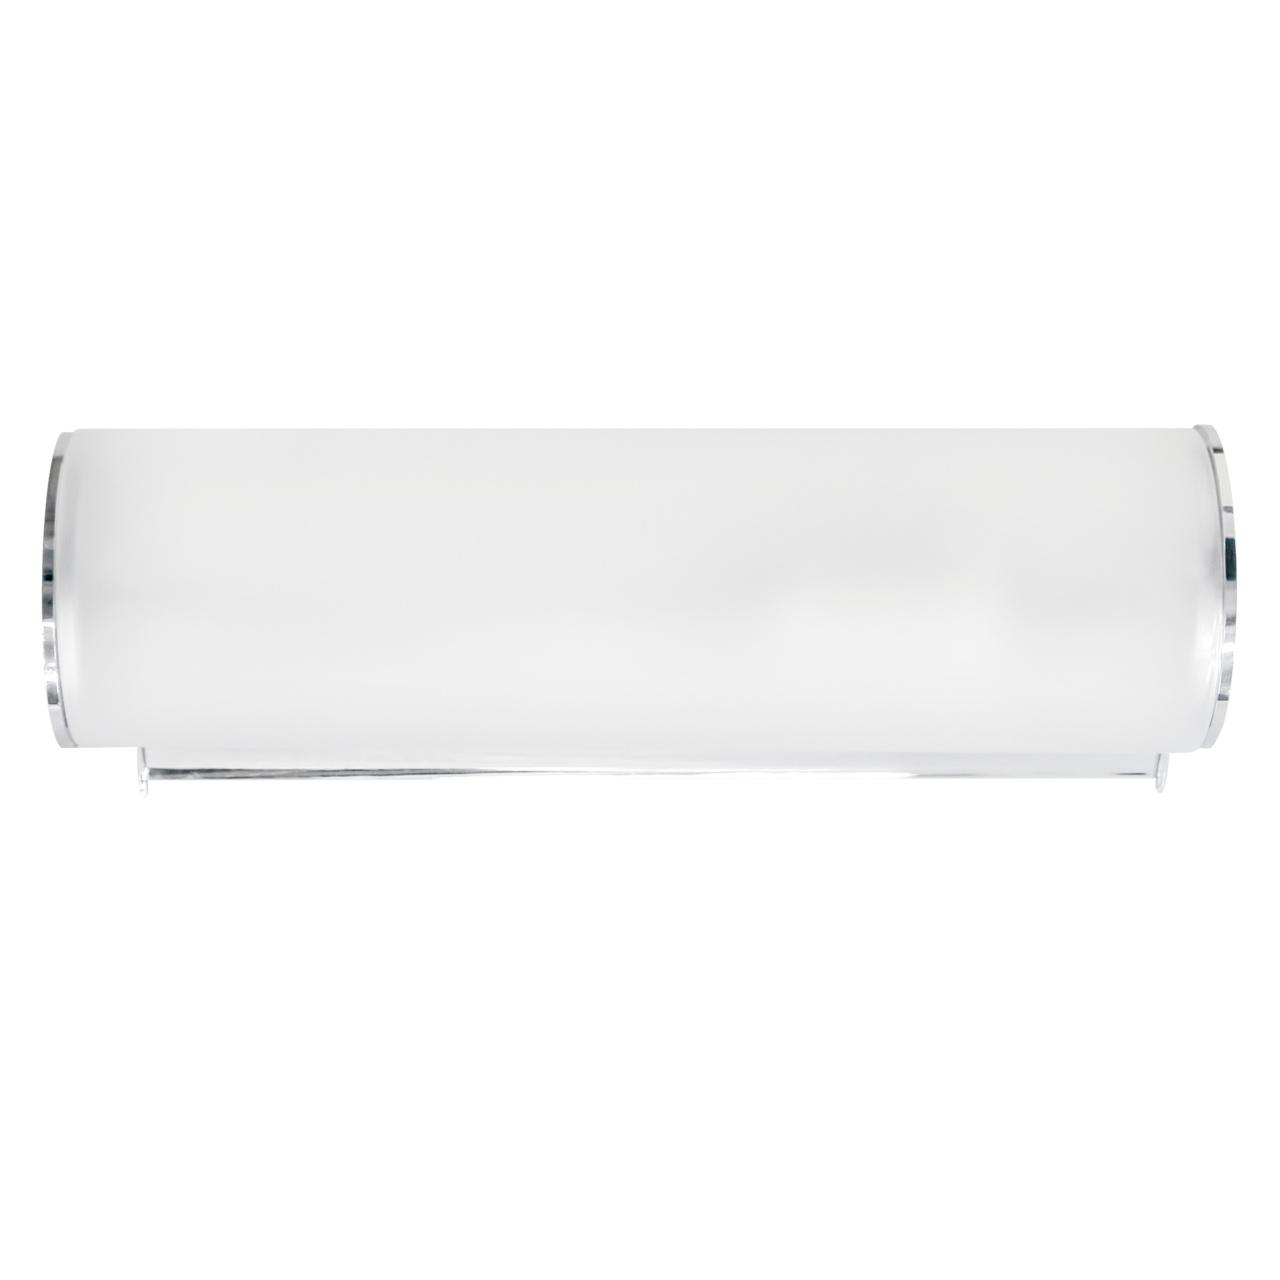 Светильник настенный Blanda 1х40W E14 хром / белый Lightstar 801810